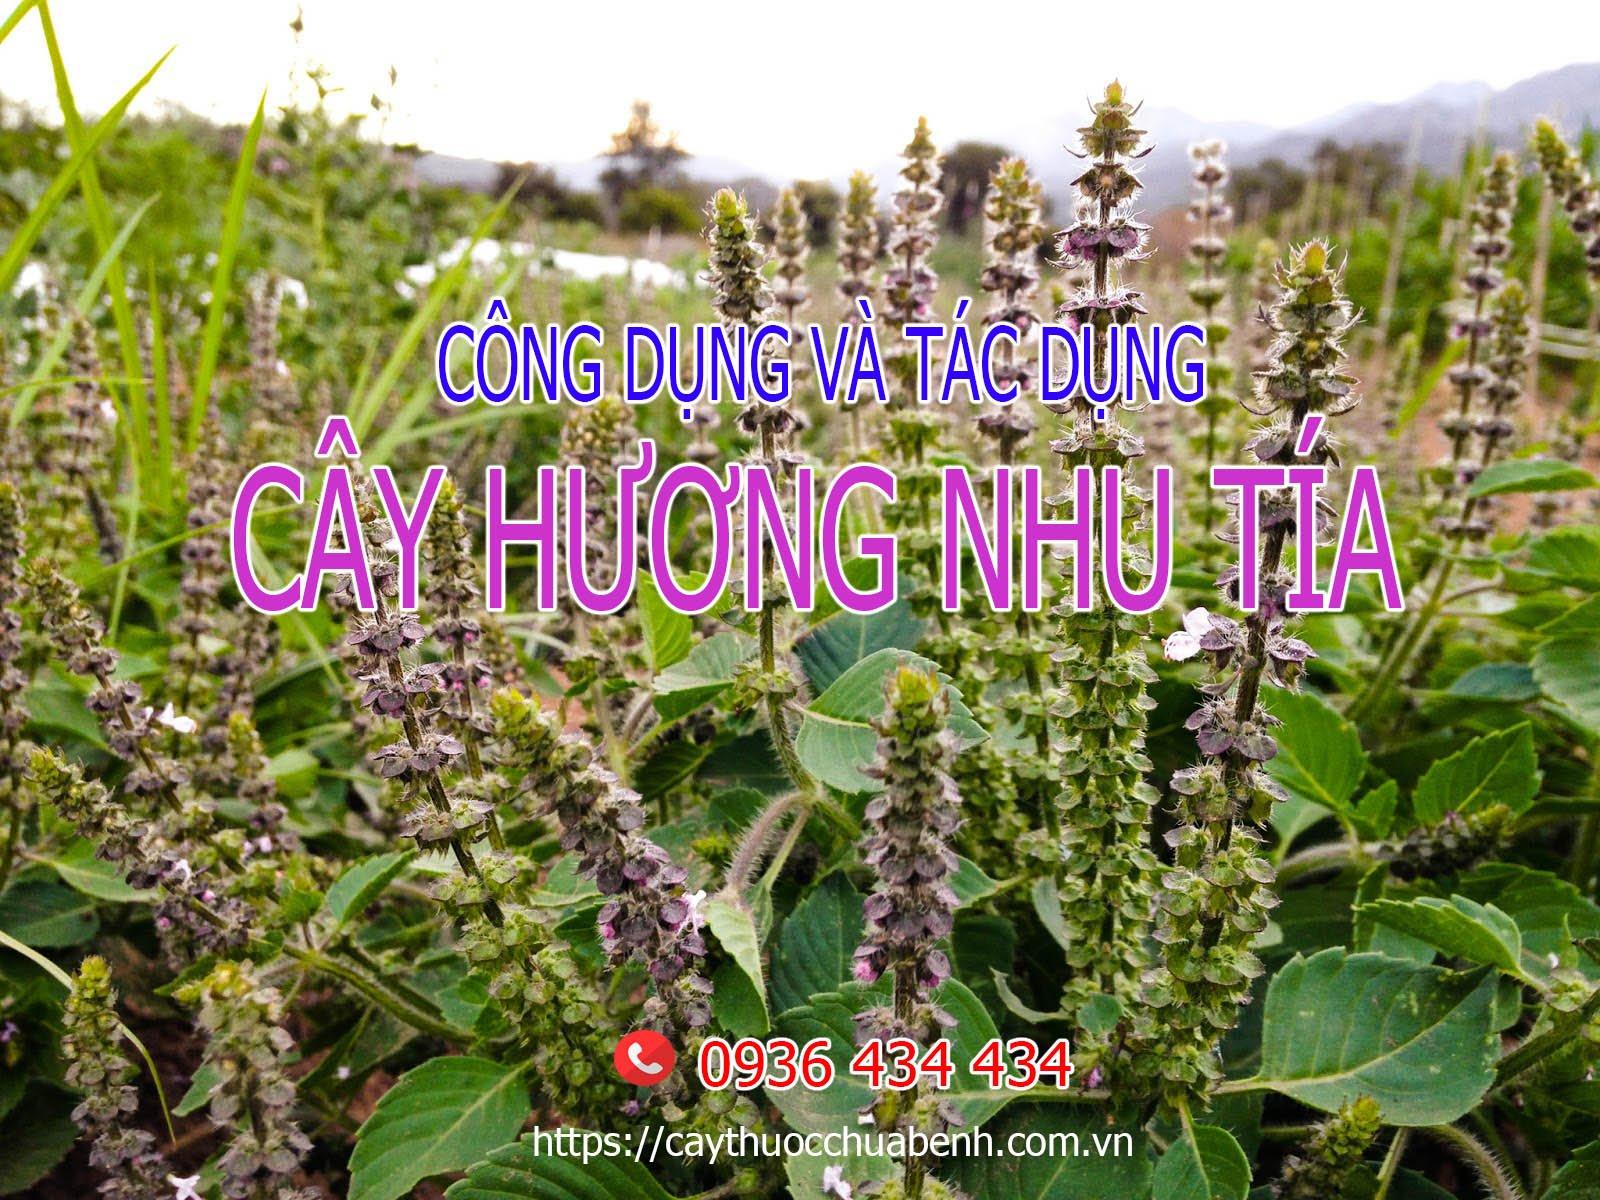 Mua bán Cây Hương Nhu Tía